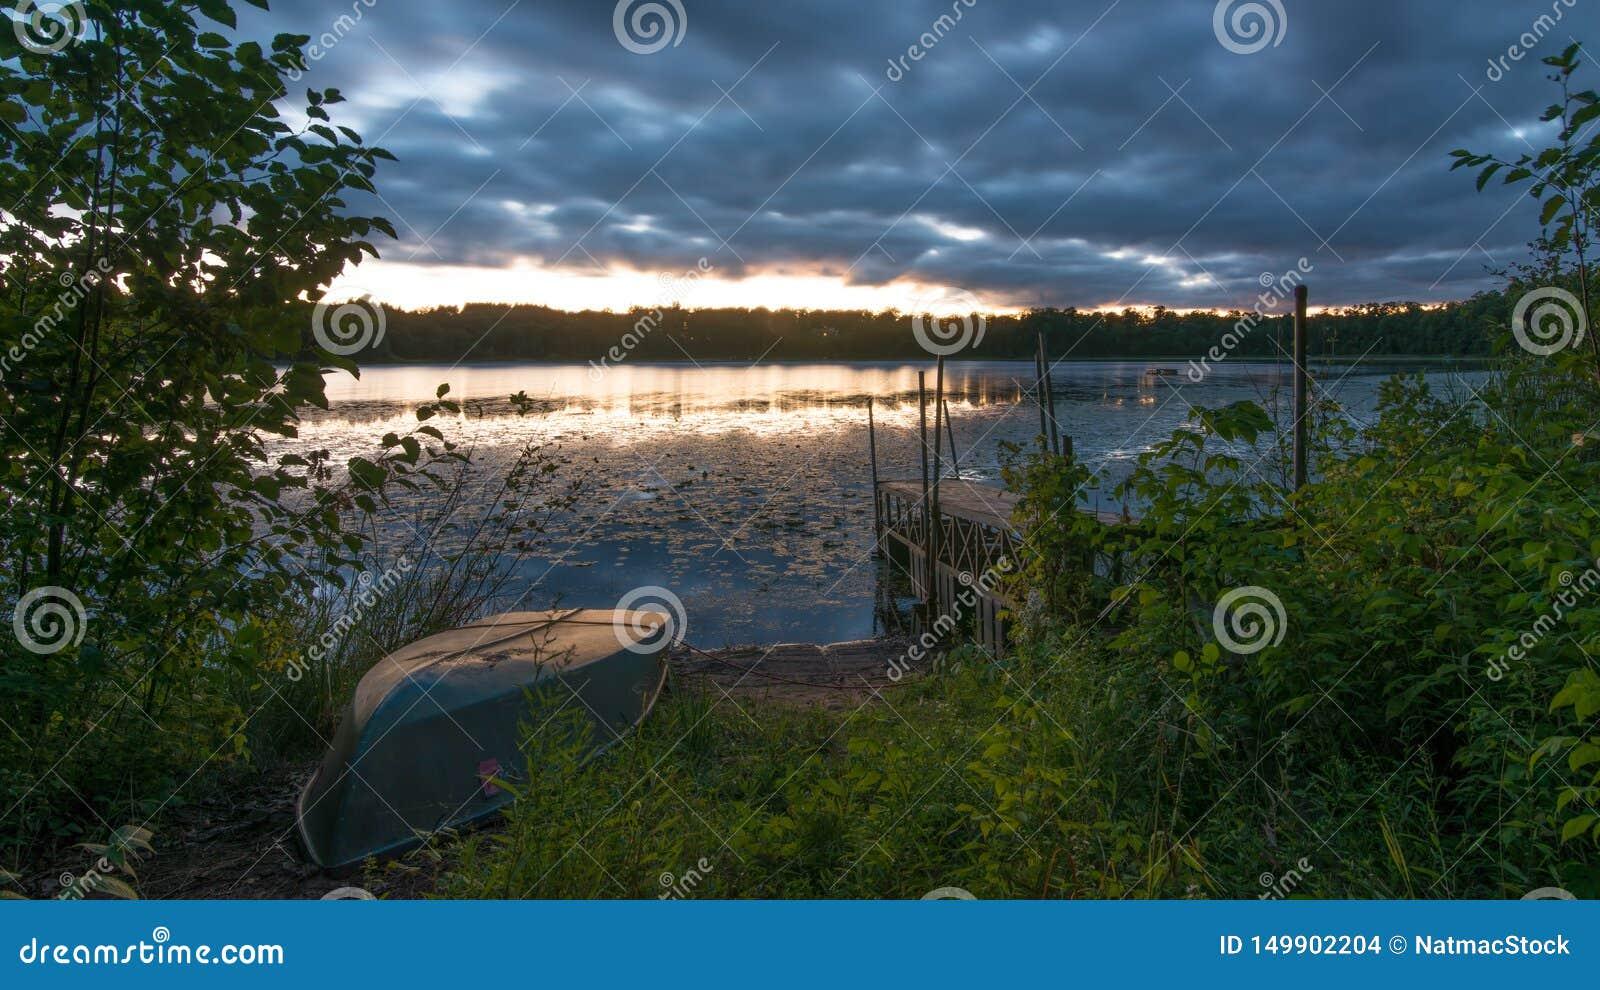 Ηλιοβασίλεμα με την παλαιά αποβάθρα και την παλαιά βάρκα σειρών στη μικρή μακρινή λίμνη στο βόρειο Ουισκόνσιν - σύννεφα και καιρό